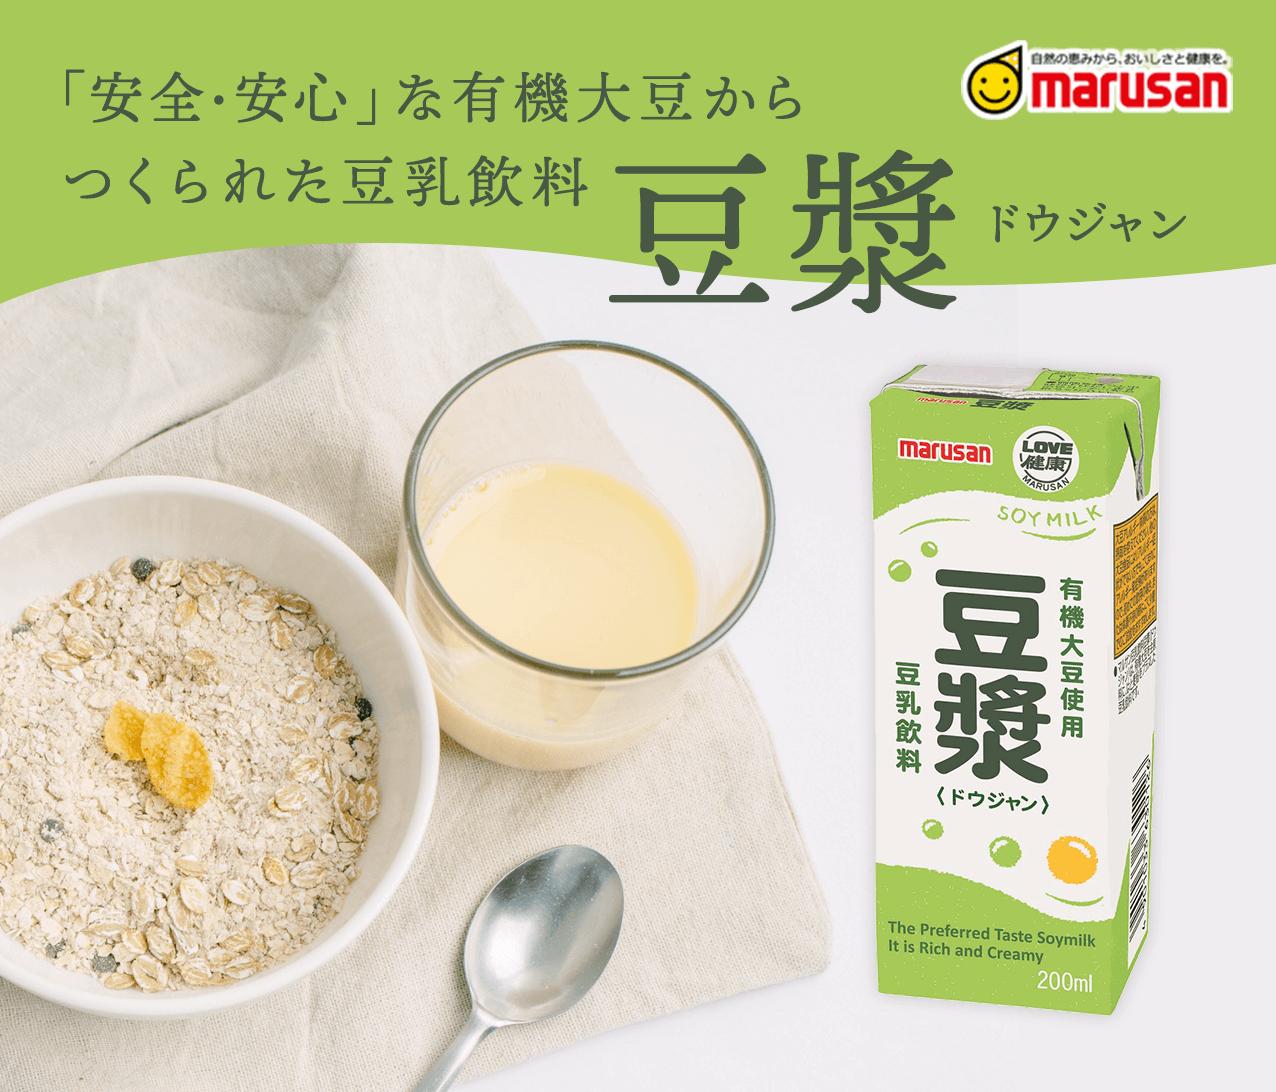 「安全・安心」な有機大豆からつくられた豆乳飲料 豆漿 ドウジャン